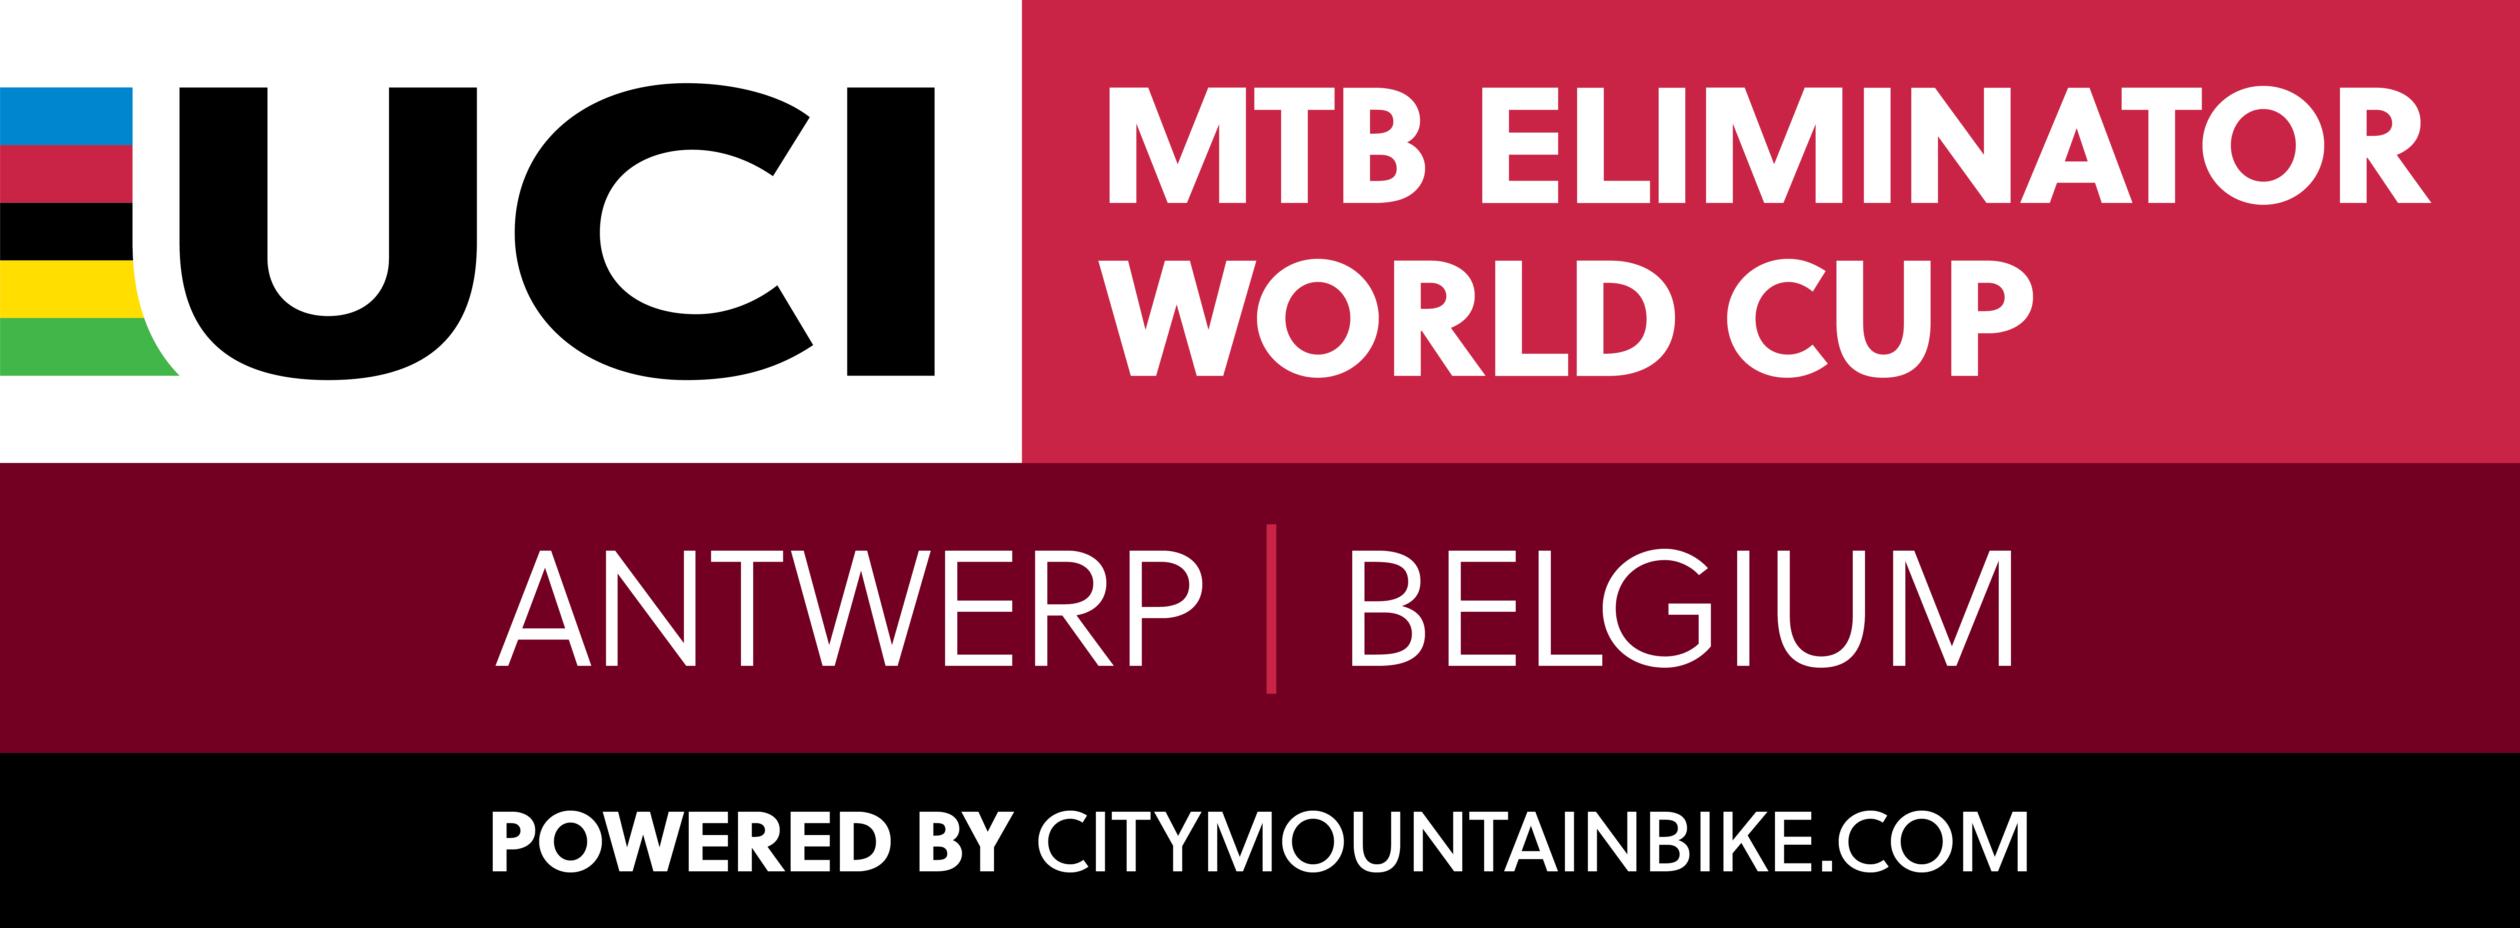 2017 UCI MTB WC XCE Belgium Antwerp CMYK Stacked